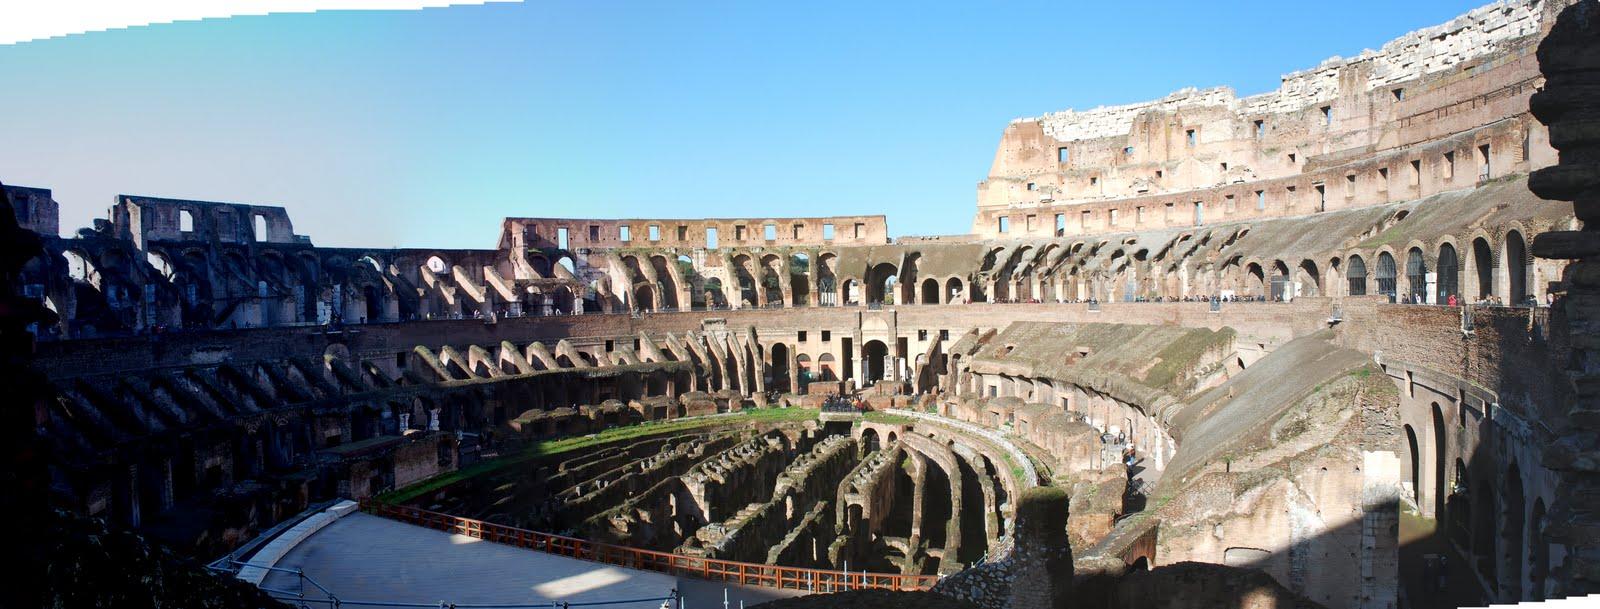 zerstörung kolosseum rom